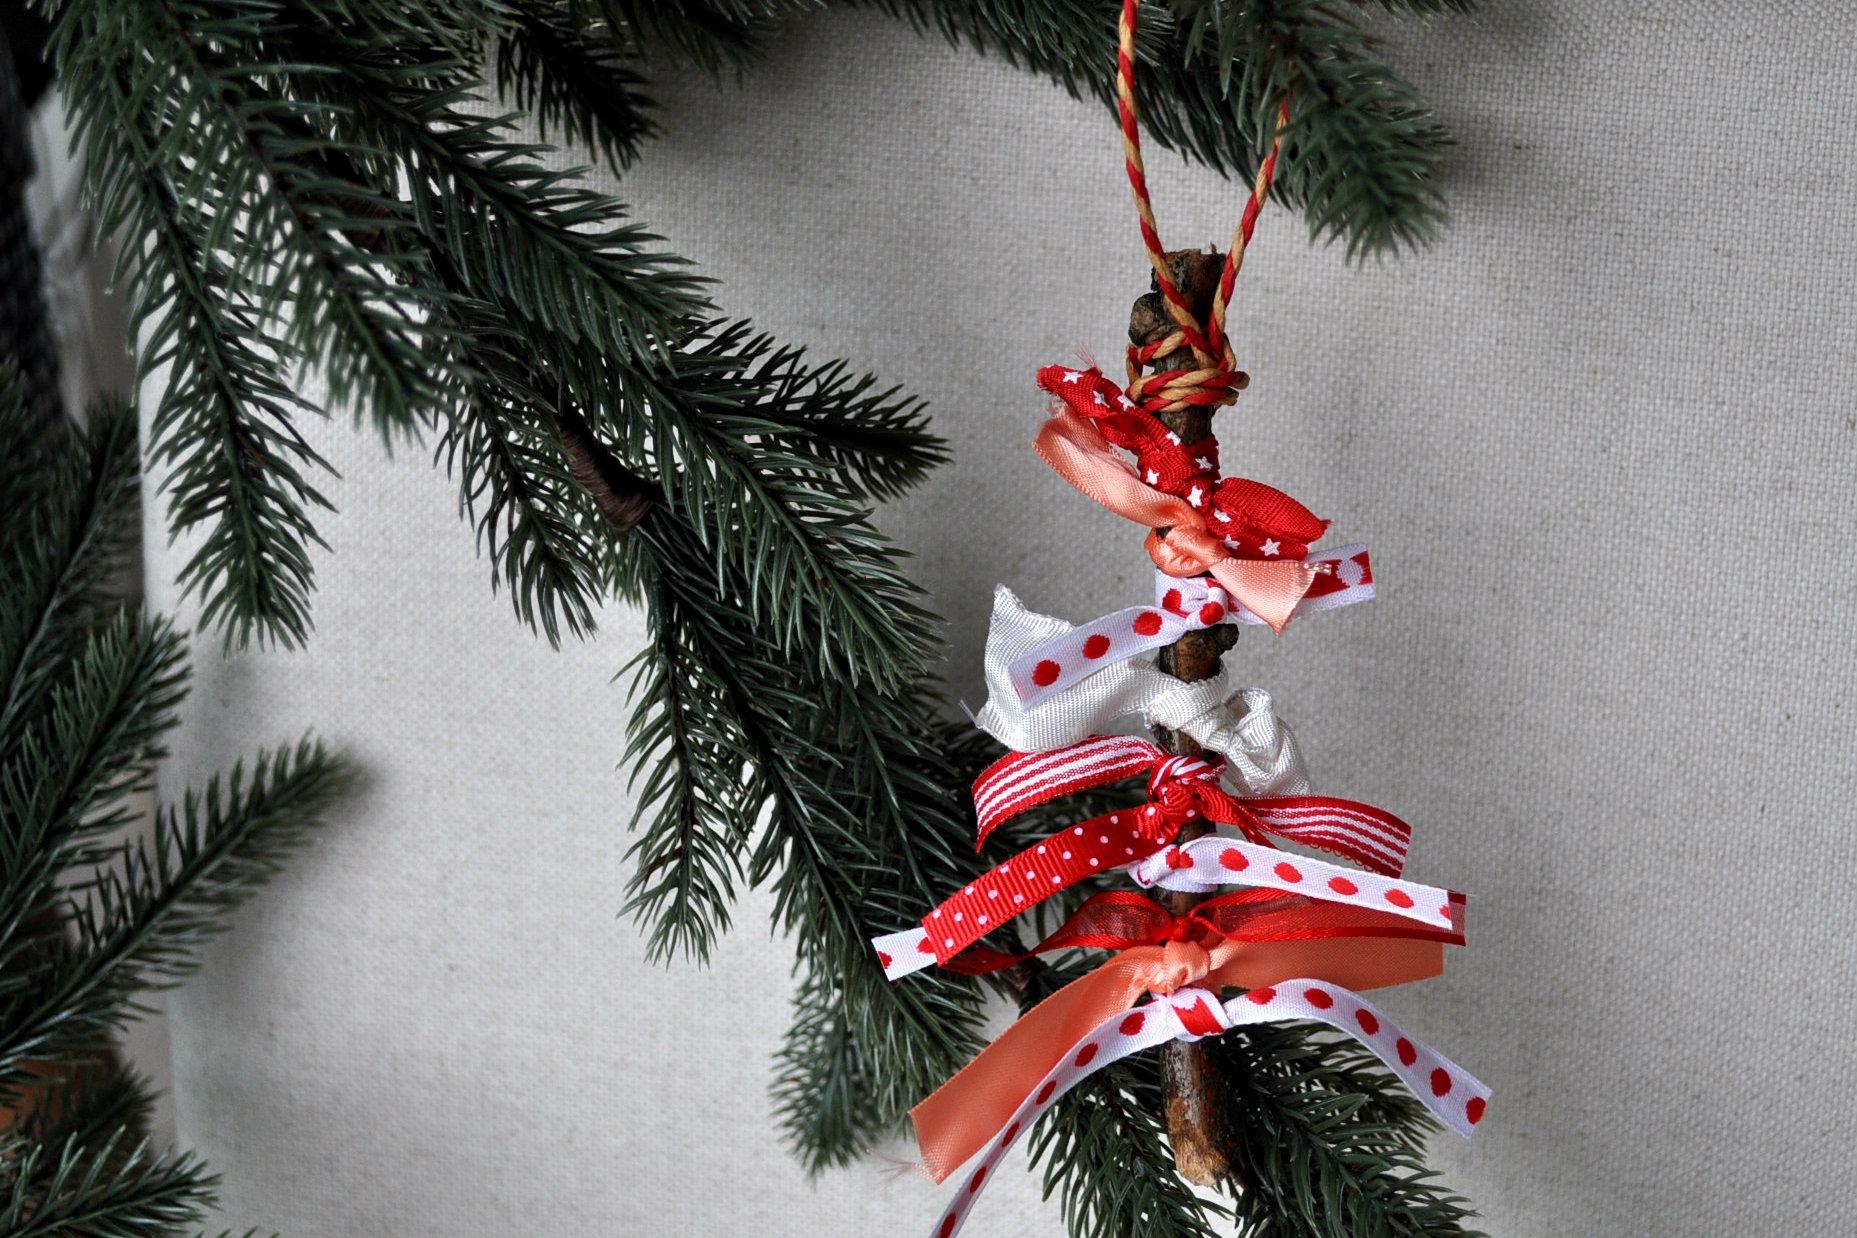 Kerstversiering maken: diy kerstboompje van twijgje & lint